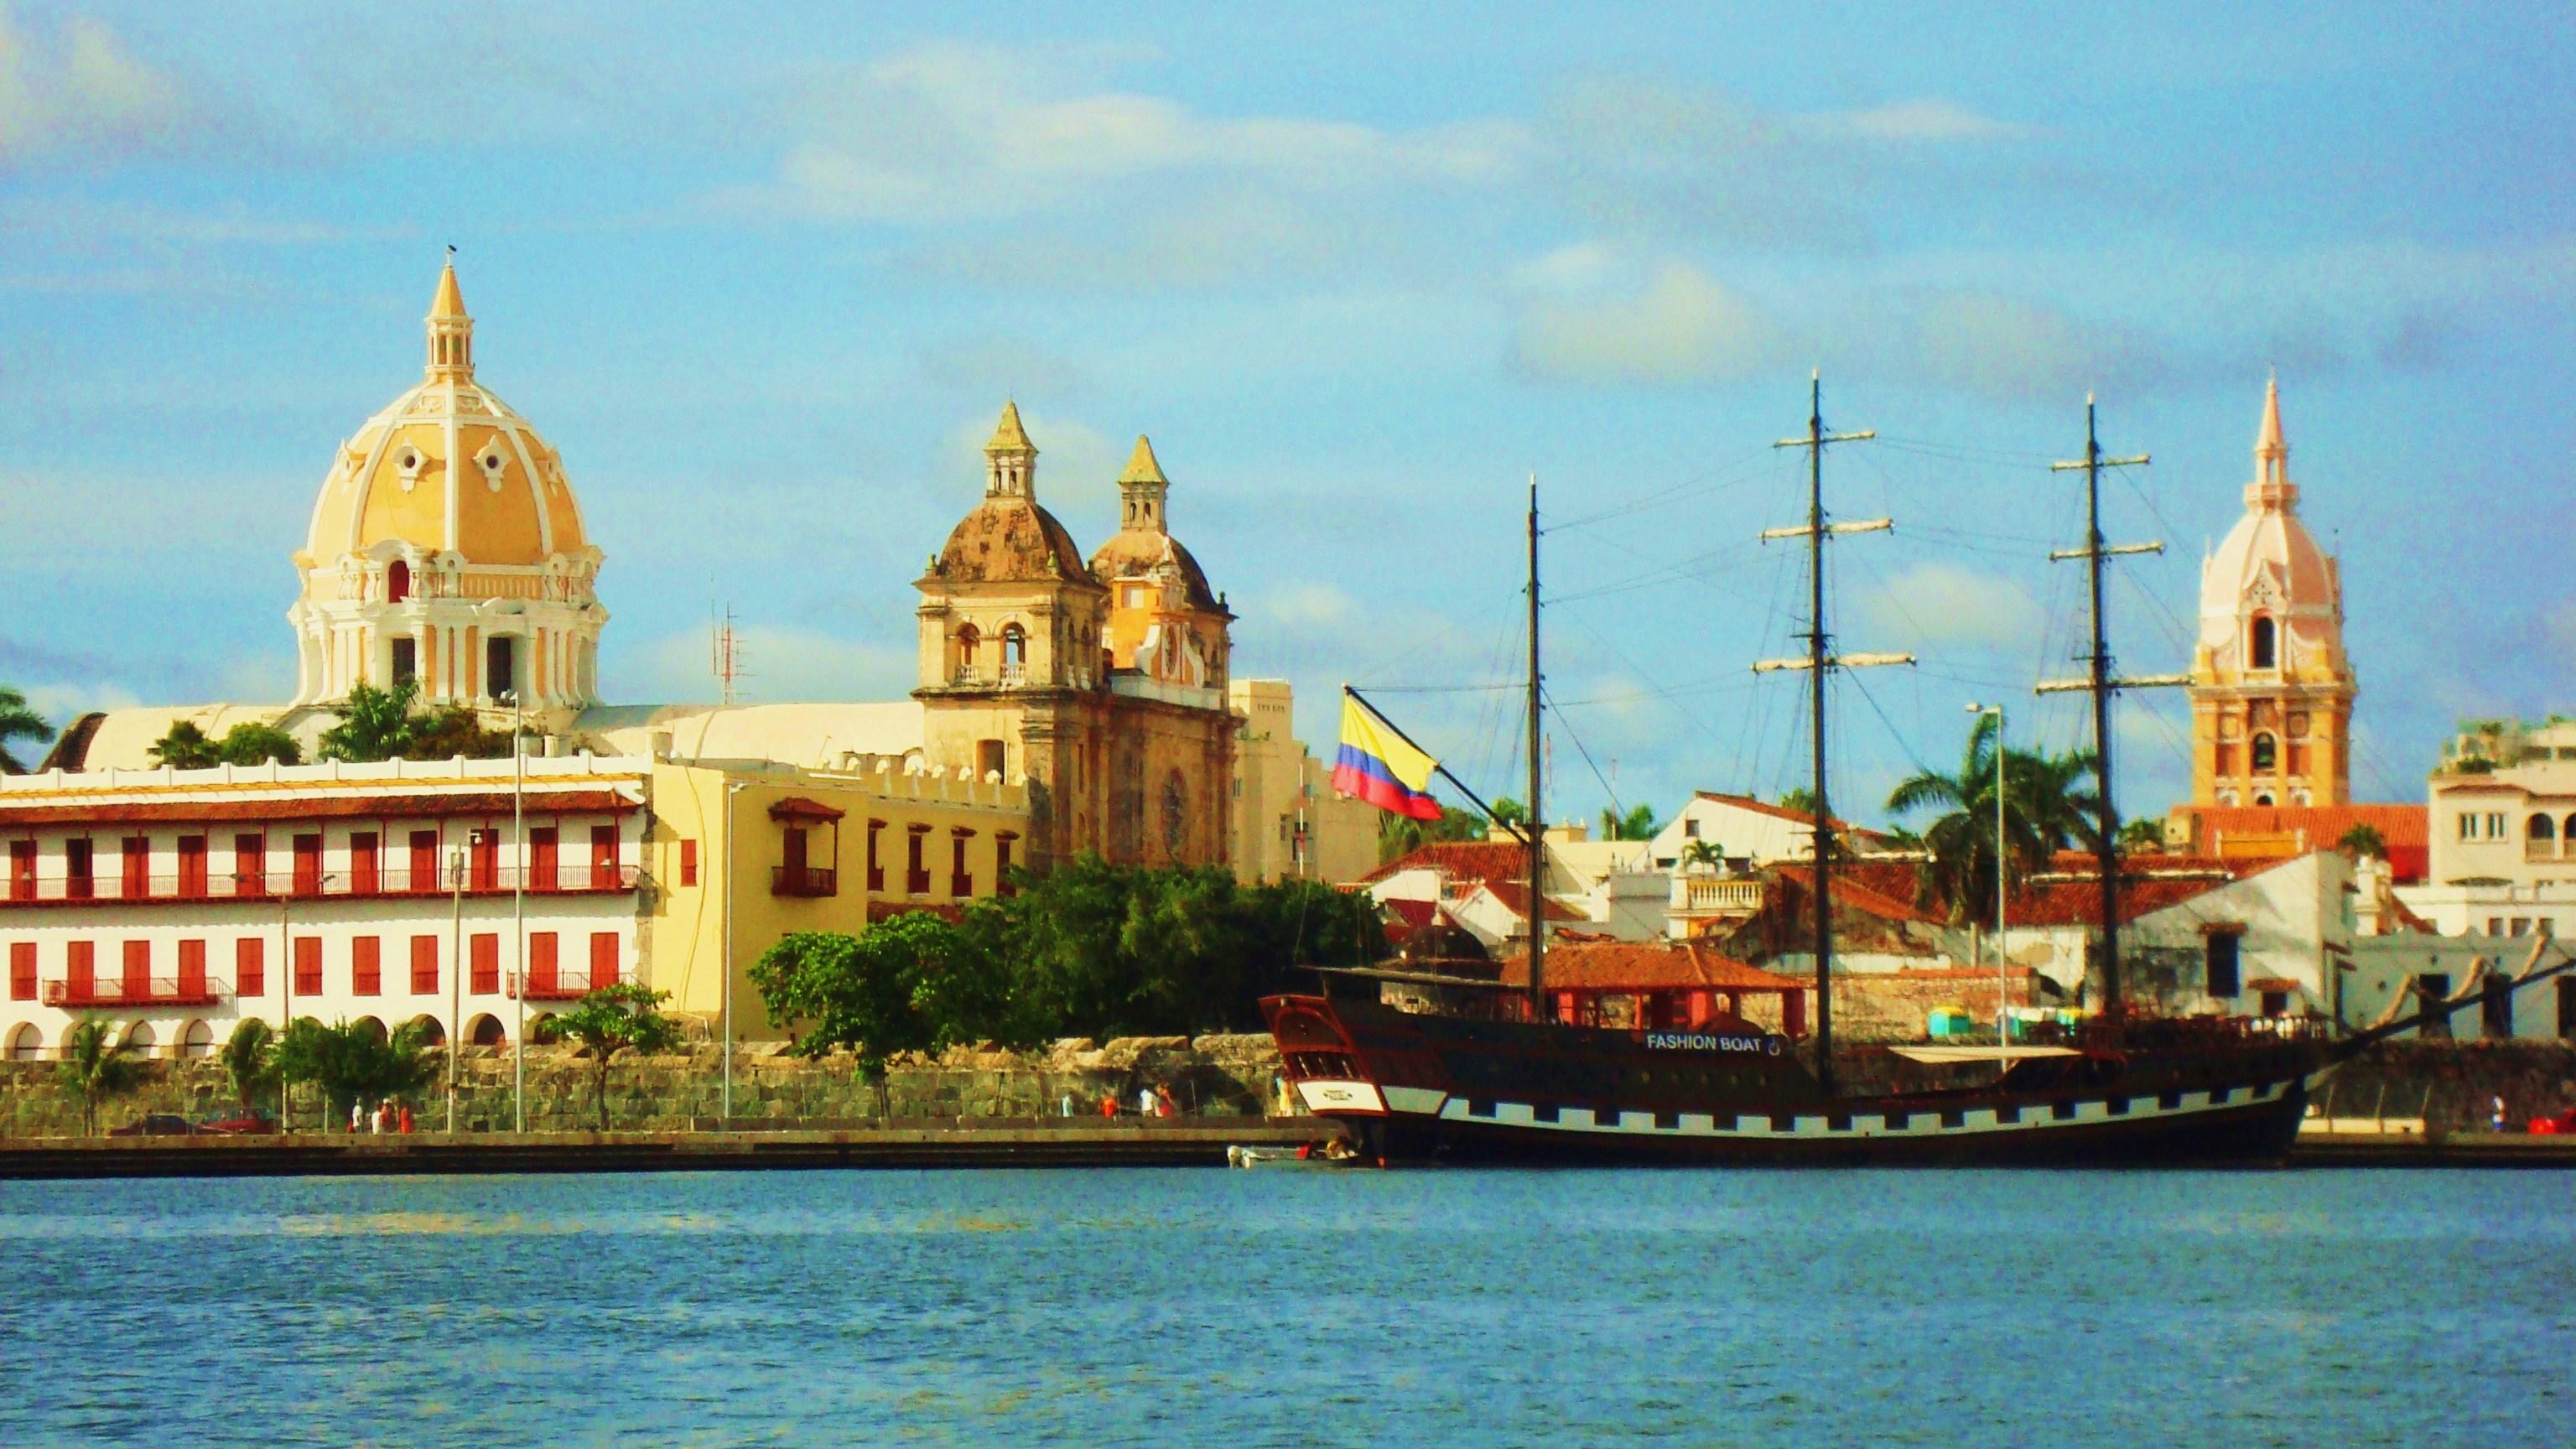 Cartagena Colombia  city photos gallery : NDU International Alumni Security Seminar, Cartagena, Colombia, June ...